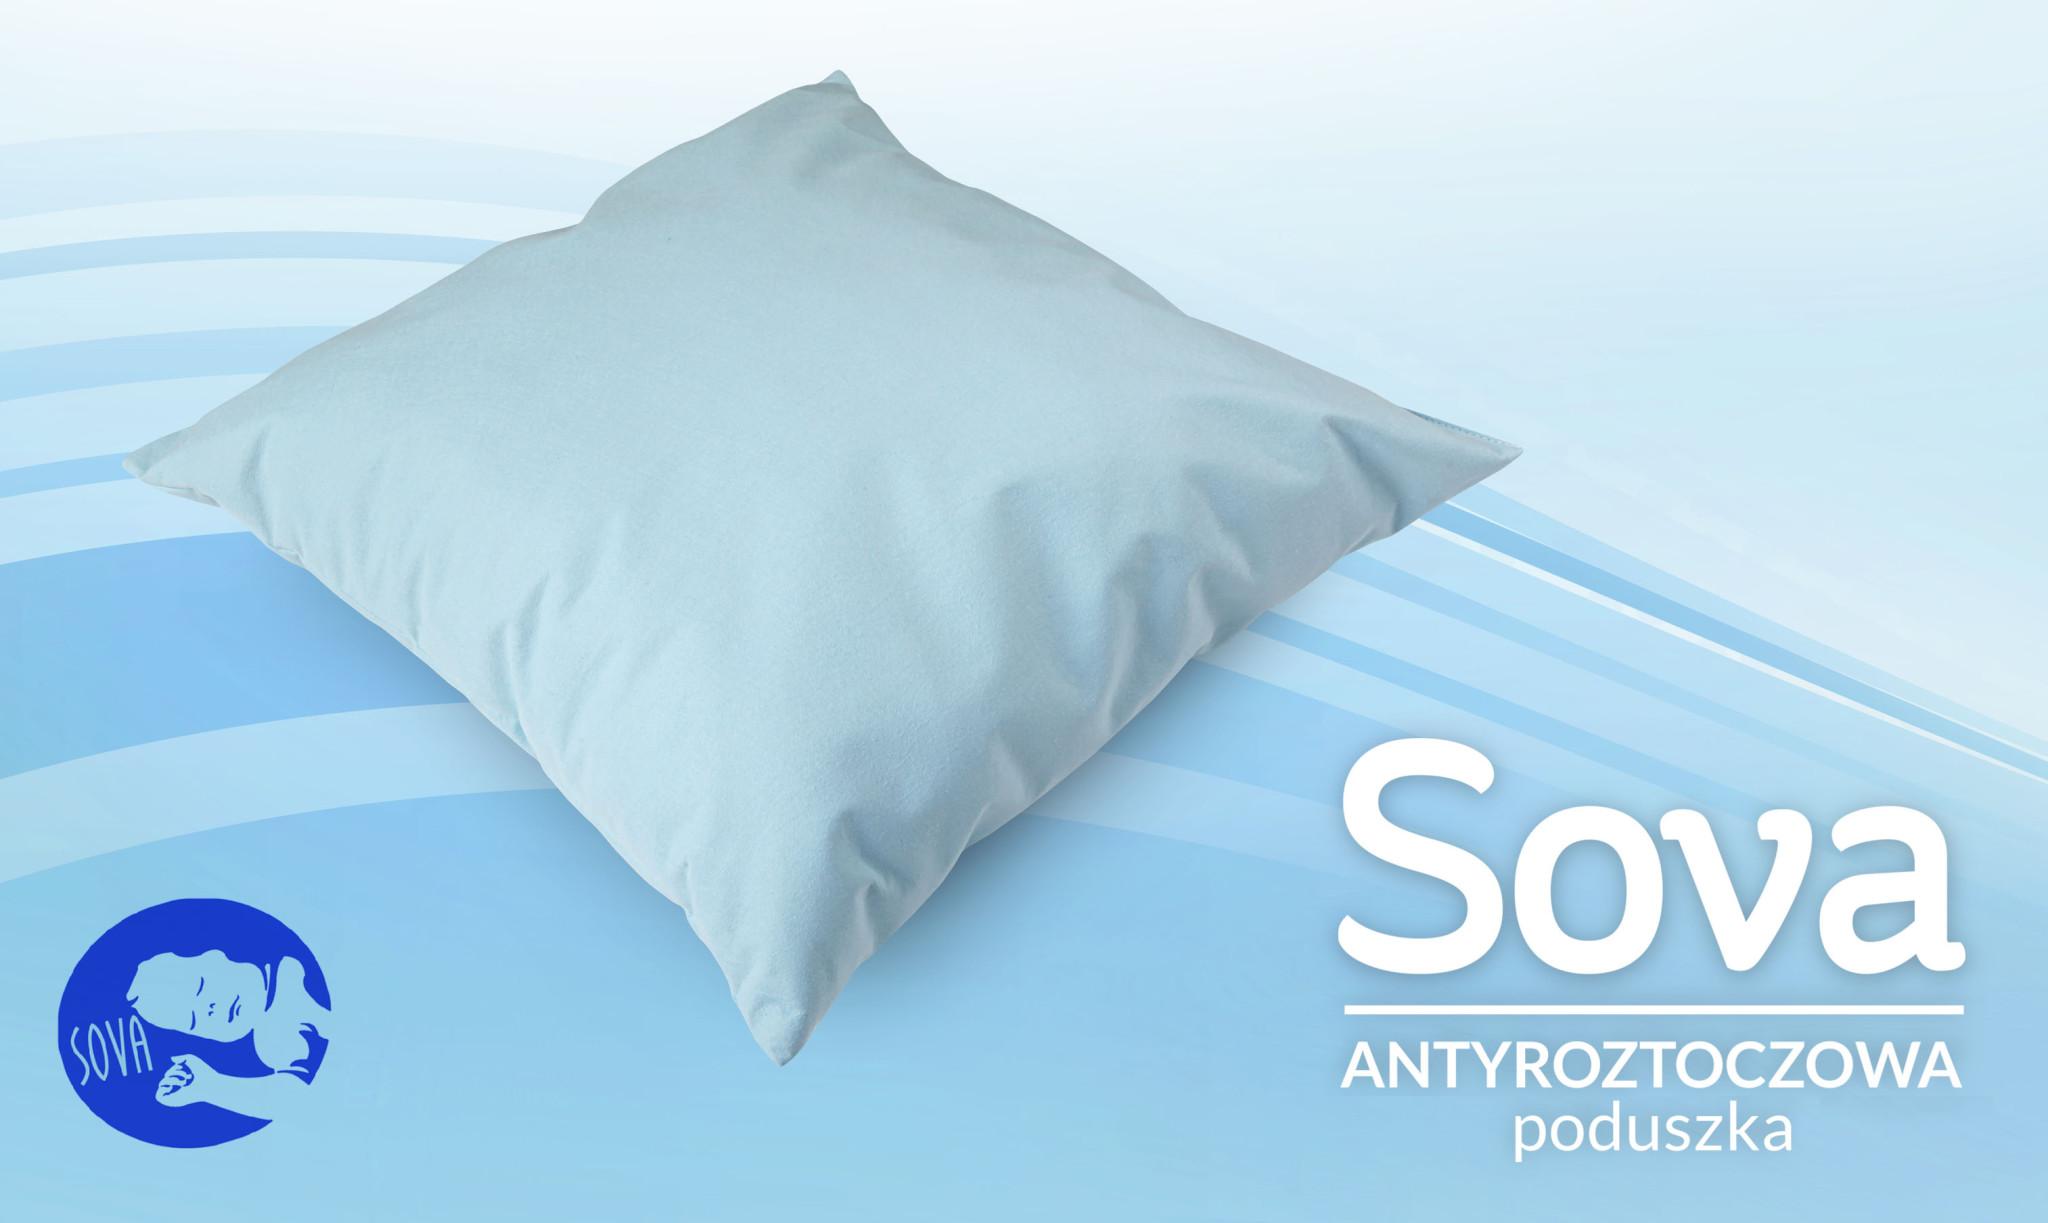 sova poduszka antyroztoczowa